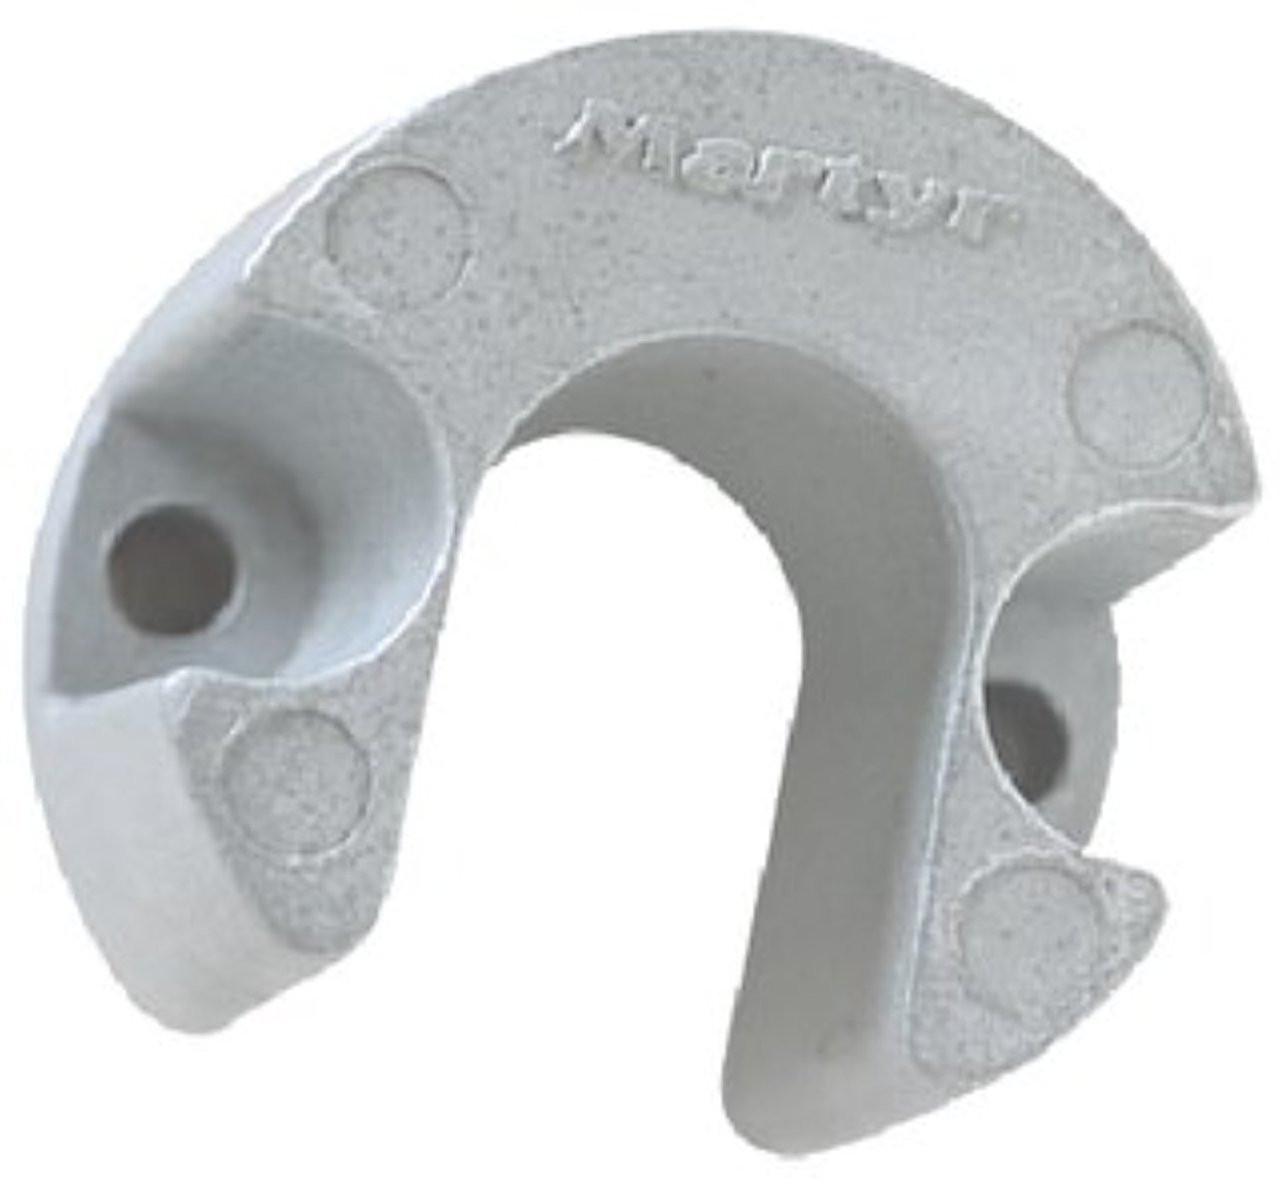 NEW OEM Mercury Mercruiser 806190 Q1 Bravo Trim Cylinder Aluminum Anode